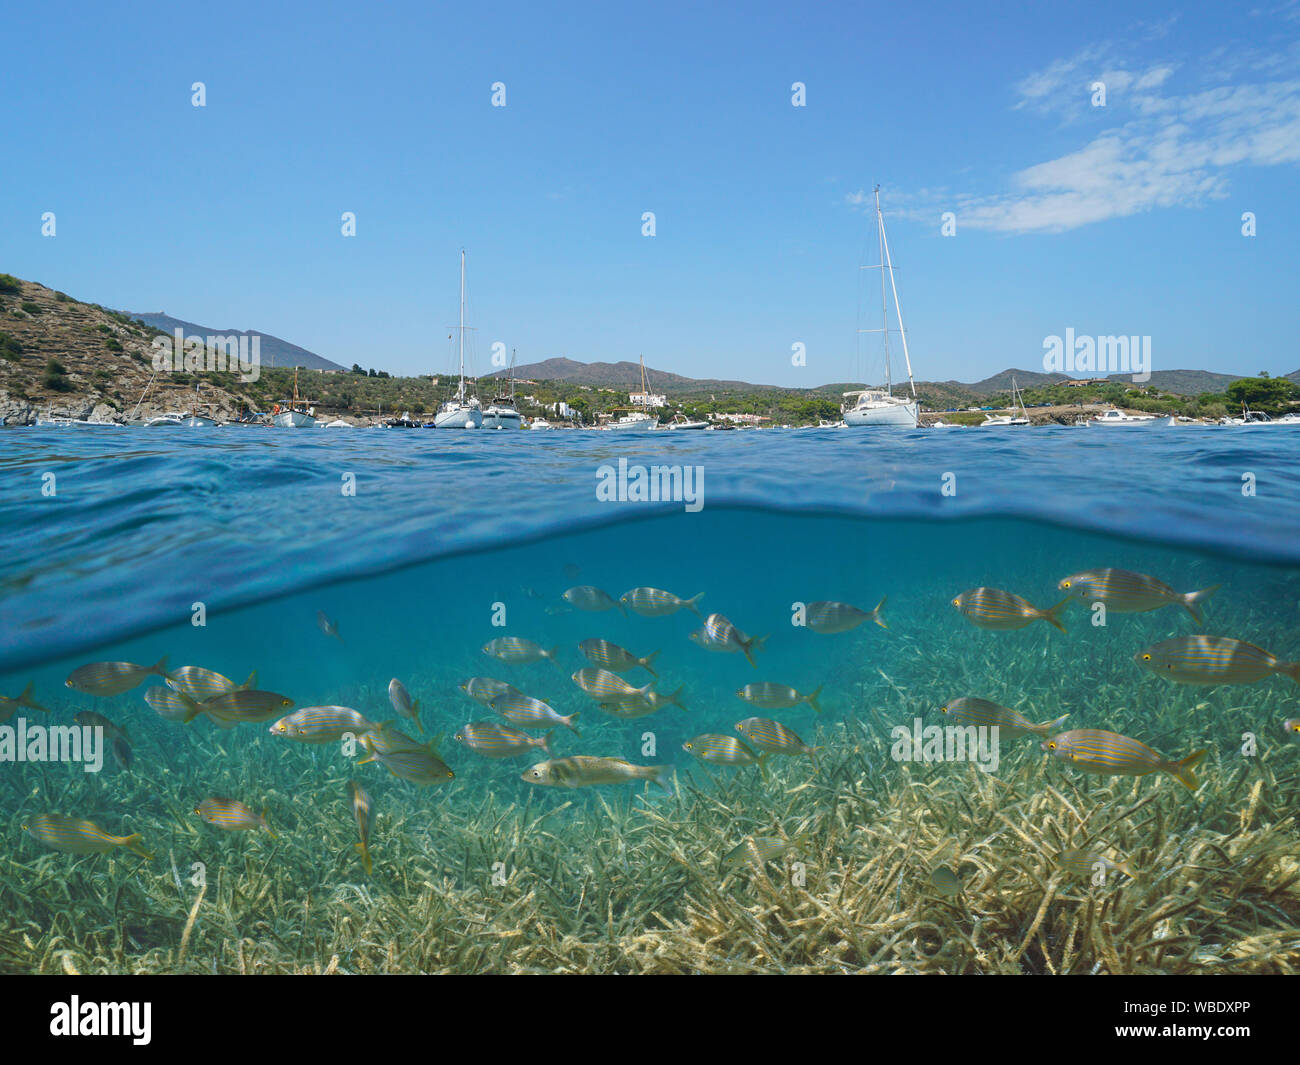 España Costa Brava Cadaqués, barcos amarrados en la bahía de Portlligat con peces y algas submarinas, Mar Mediterráneo, vista dividida por encima y por debajo de la superficie Foto de stock